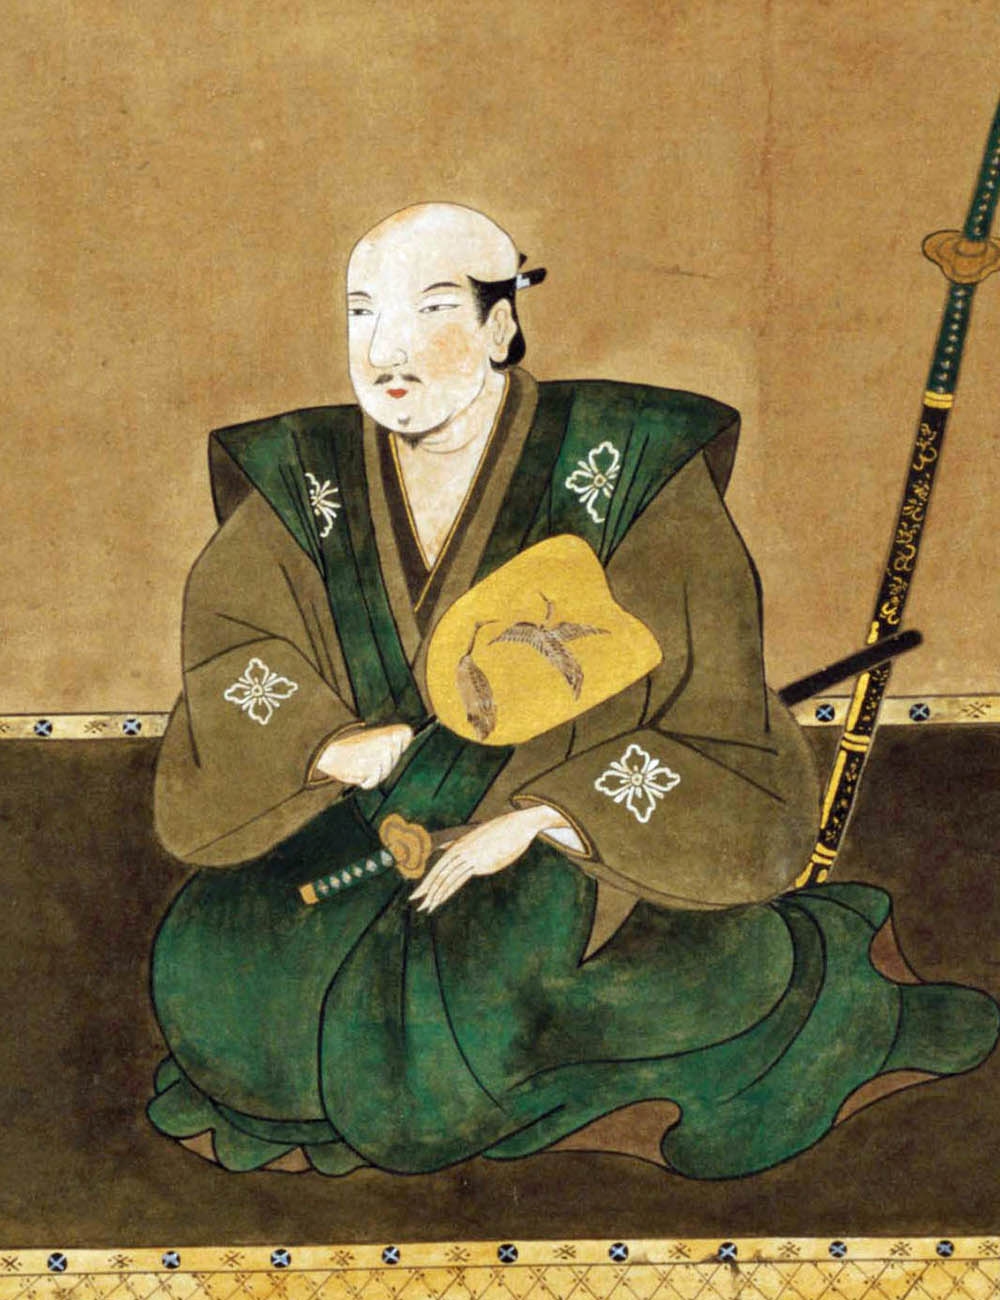 武田勝頼像(高野山持明院蔵)